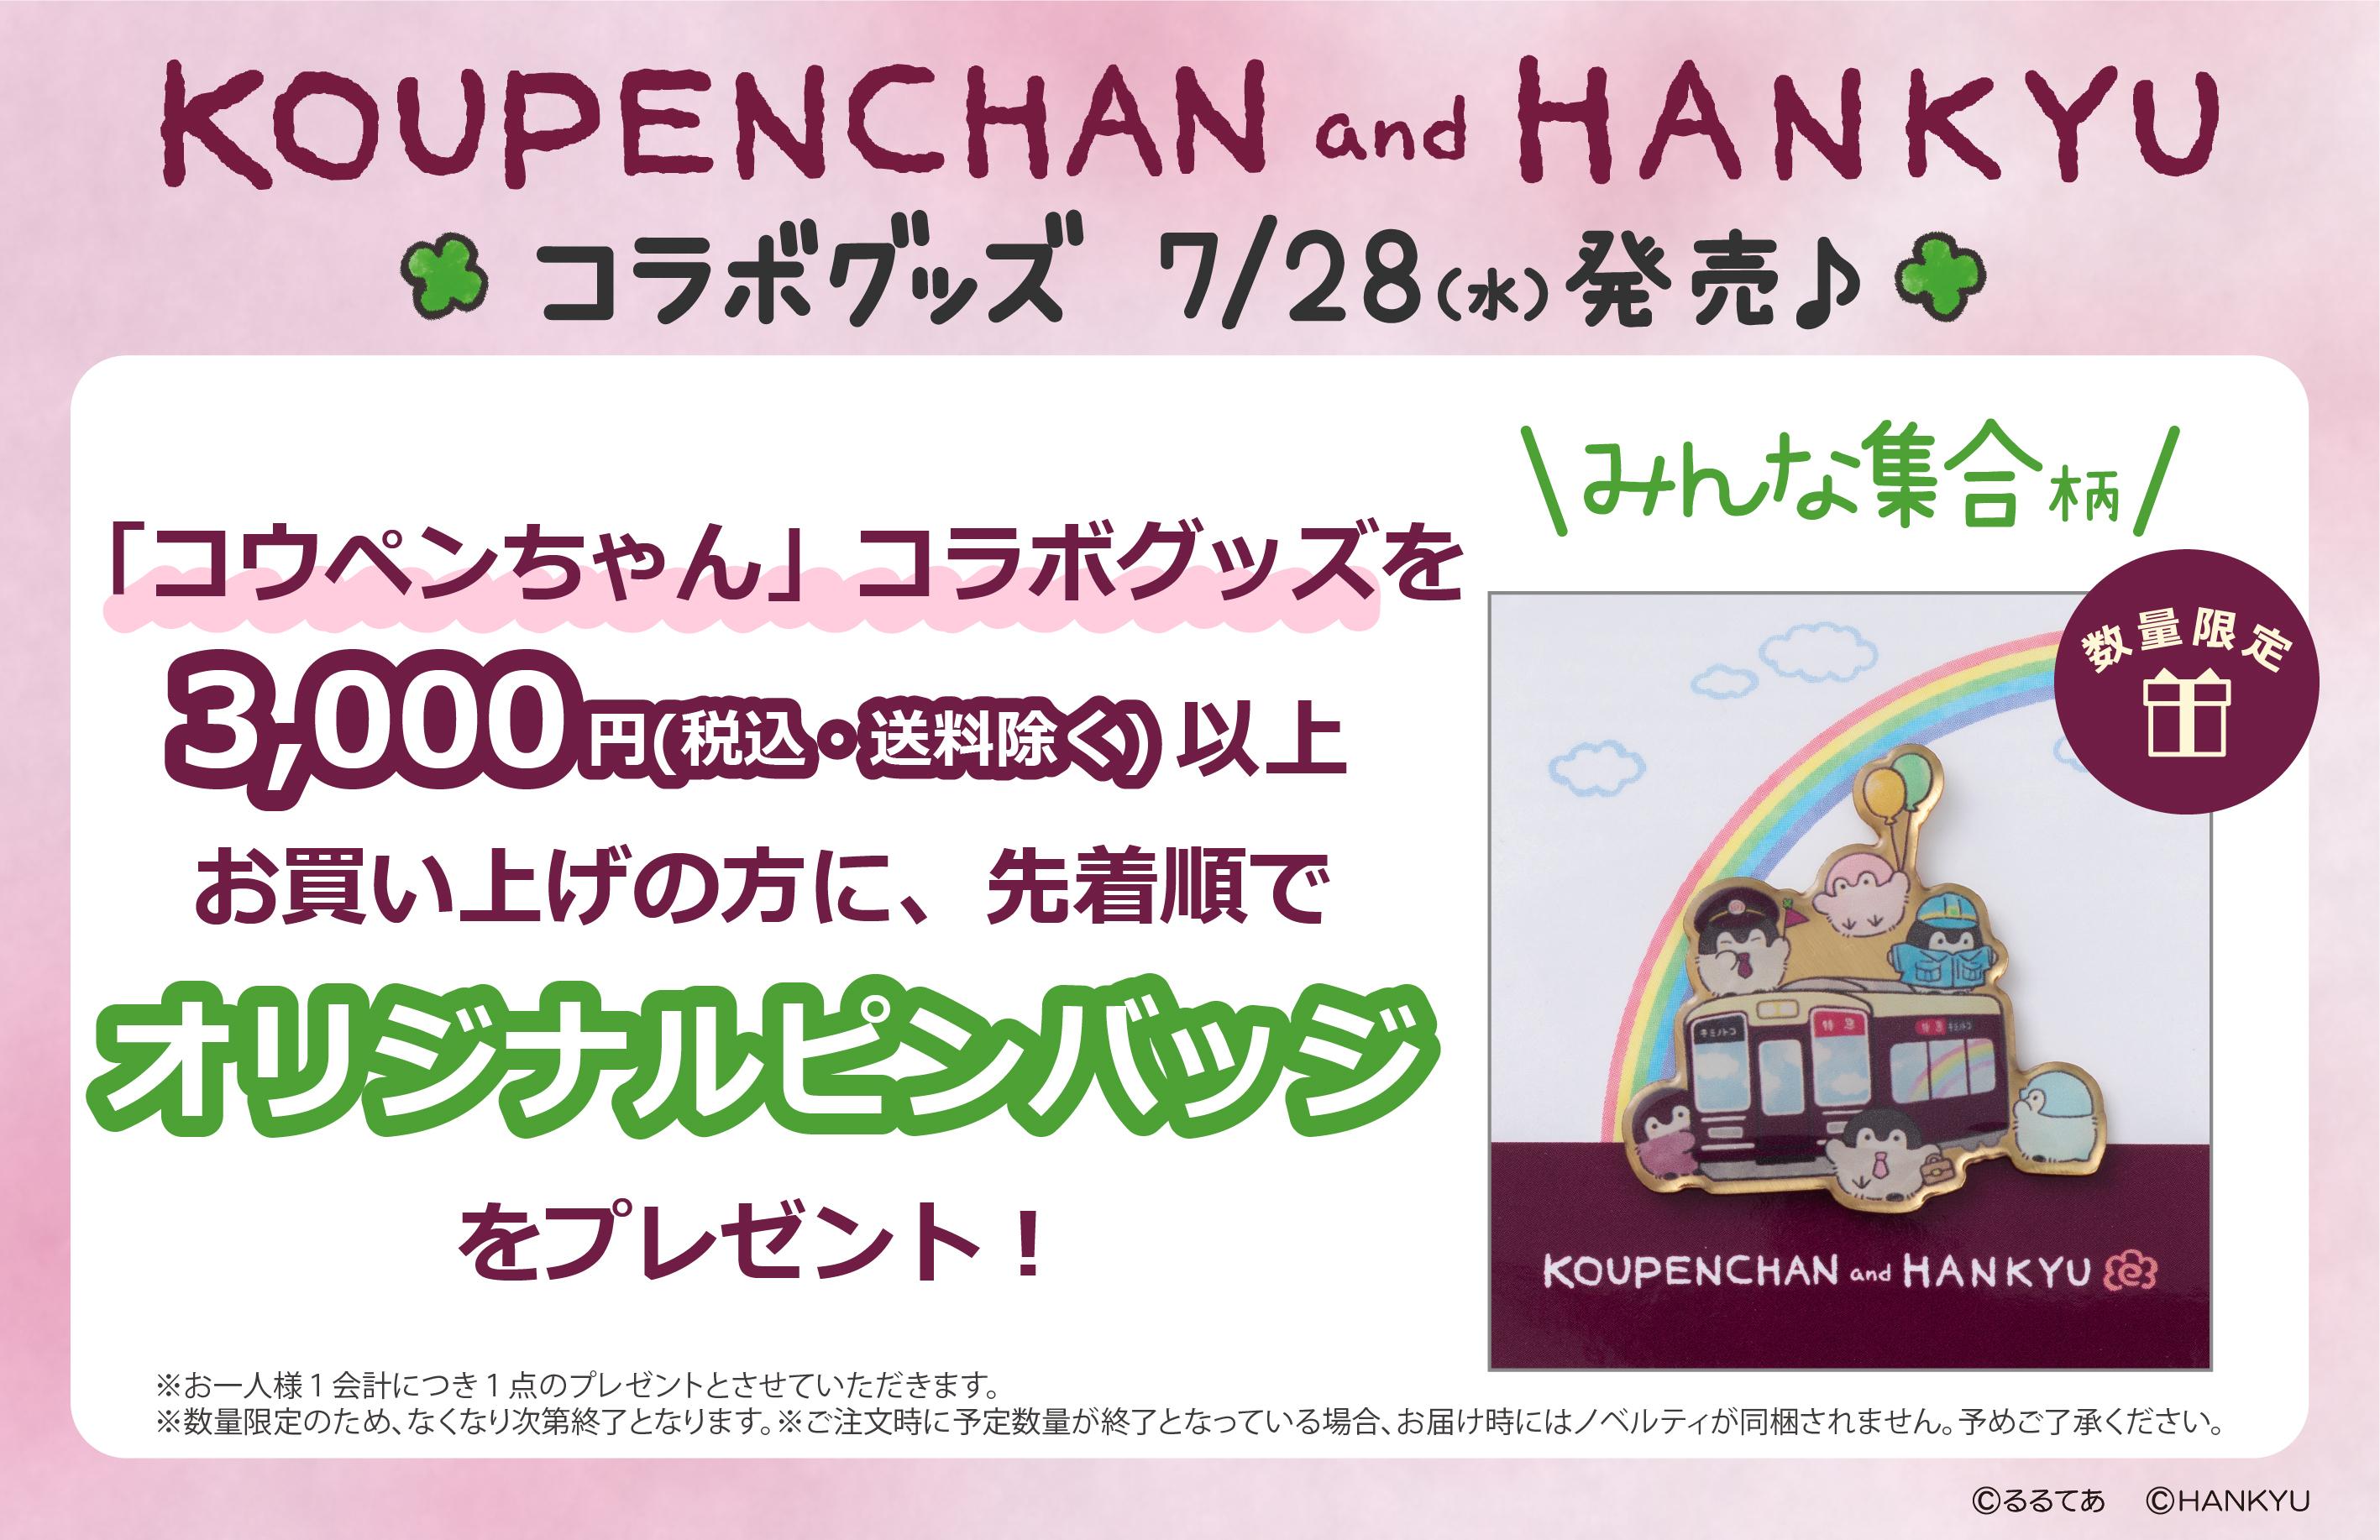 【コウペンちゃん×阪急電車】ノベルティキャンペーン